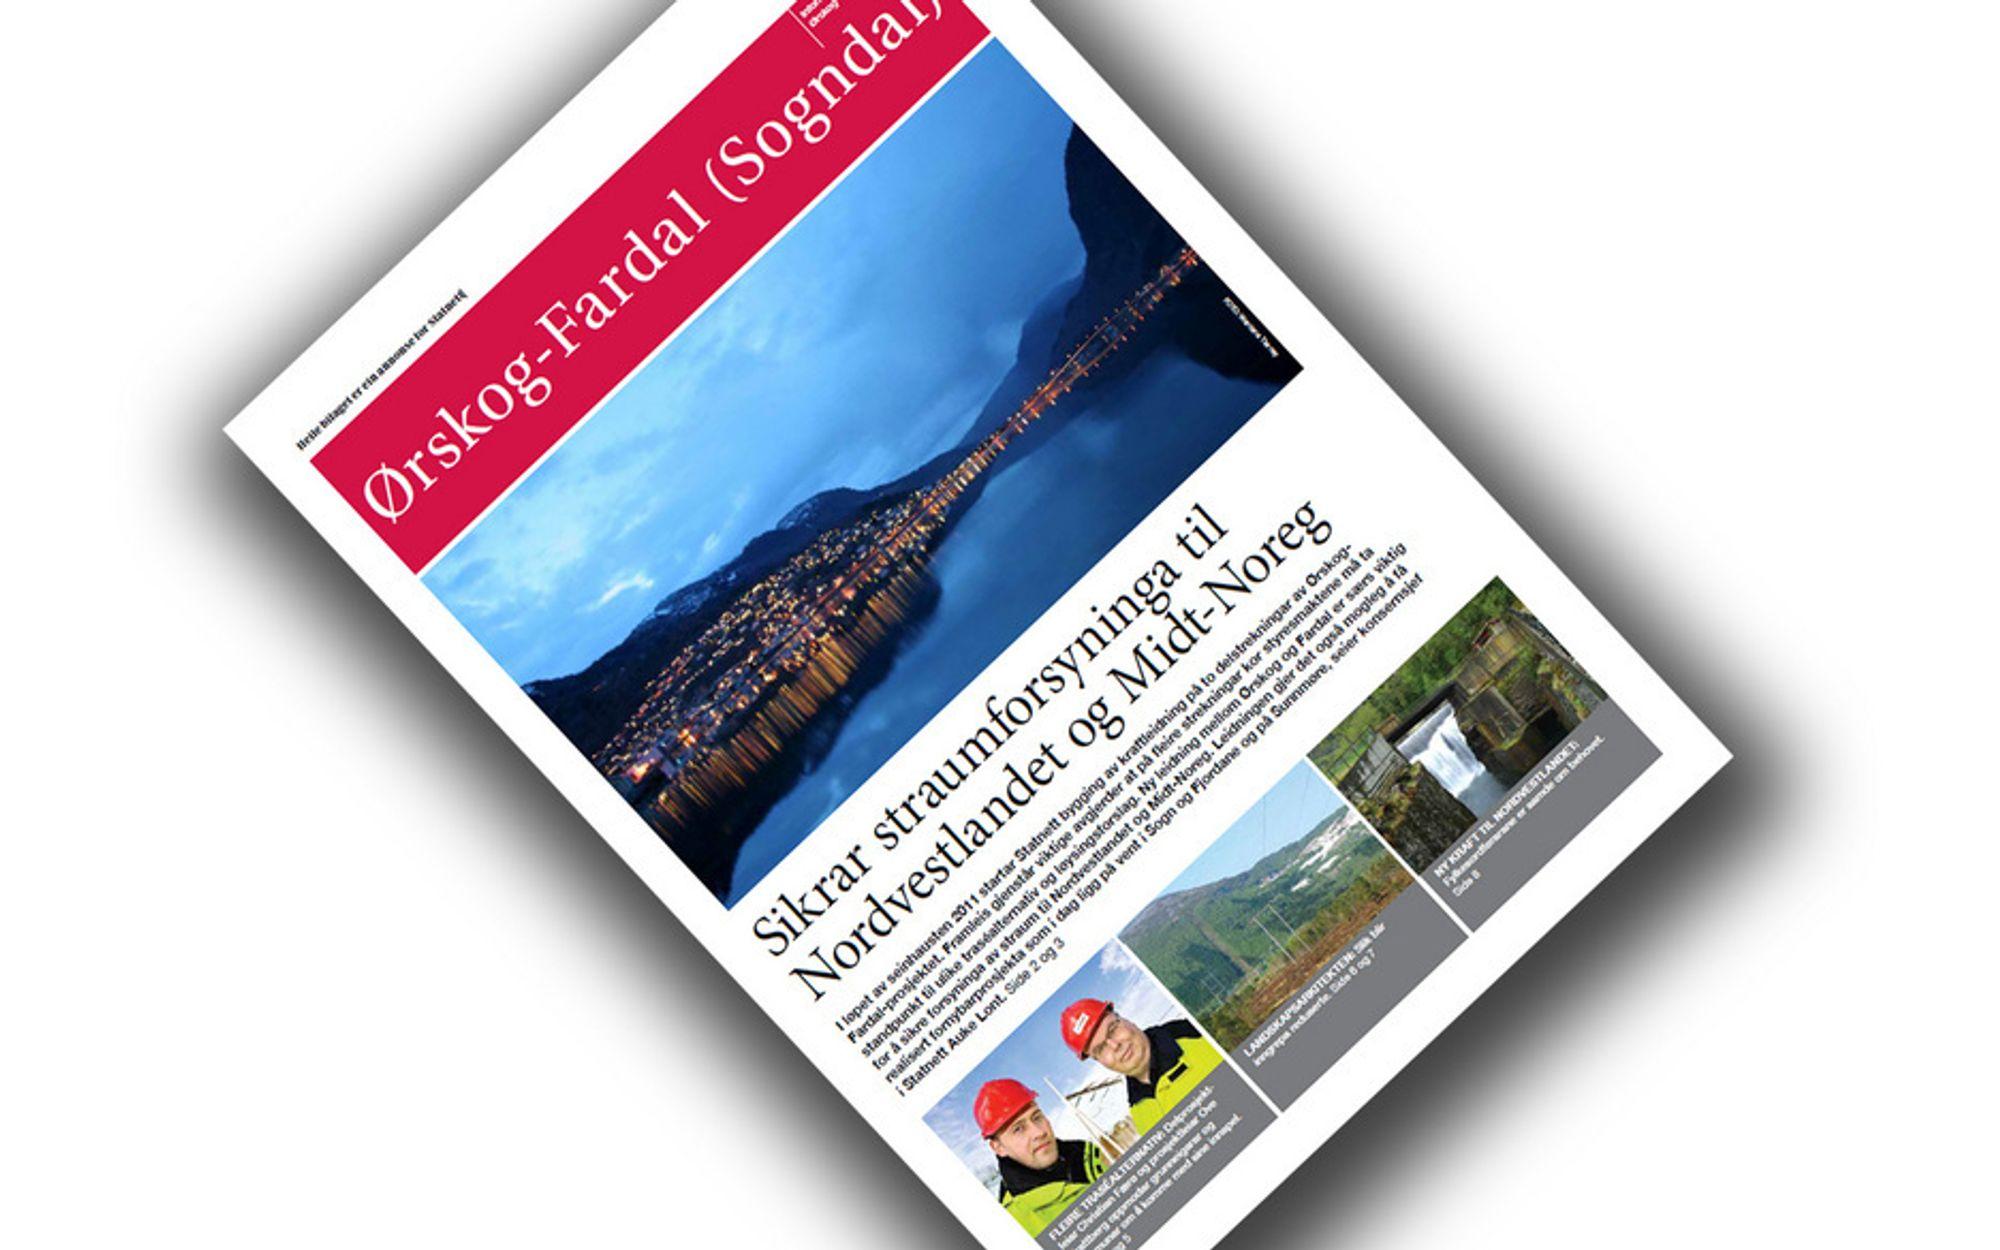 STATNETT-REKLAME: Slik ser det ut når Statnett informerer om sine prosjekter. Denne avisen ble i mai levert som innstikk i lokal- og regionalaviser i Møre og Romsdal og Sogn og Fjordane.